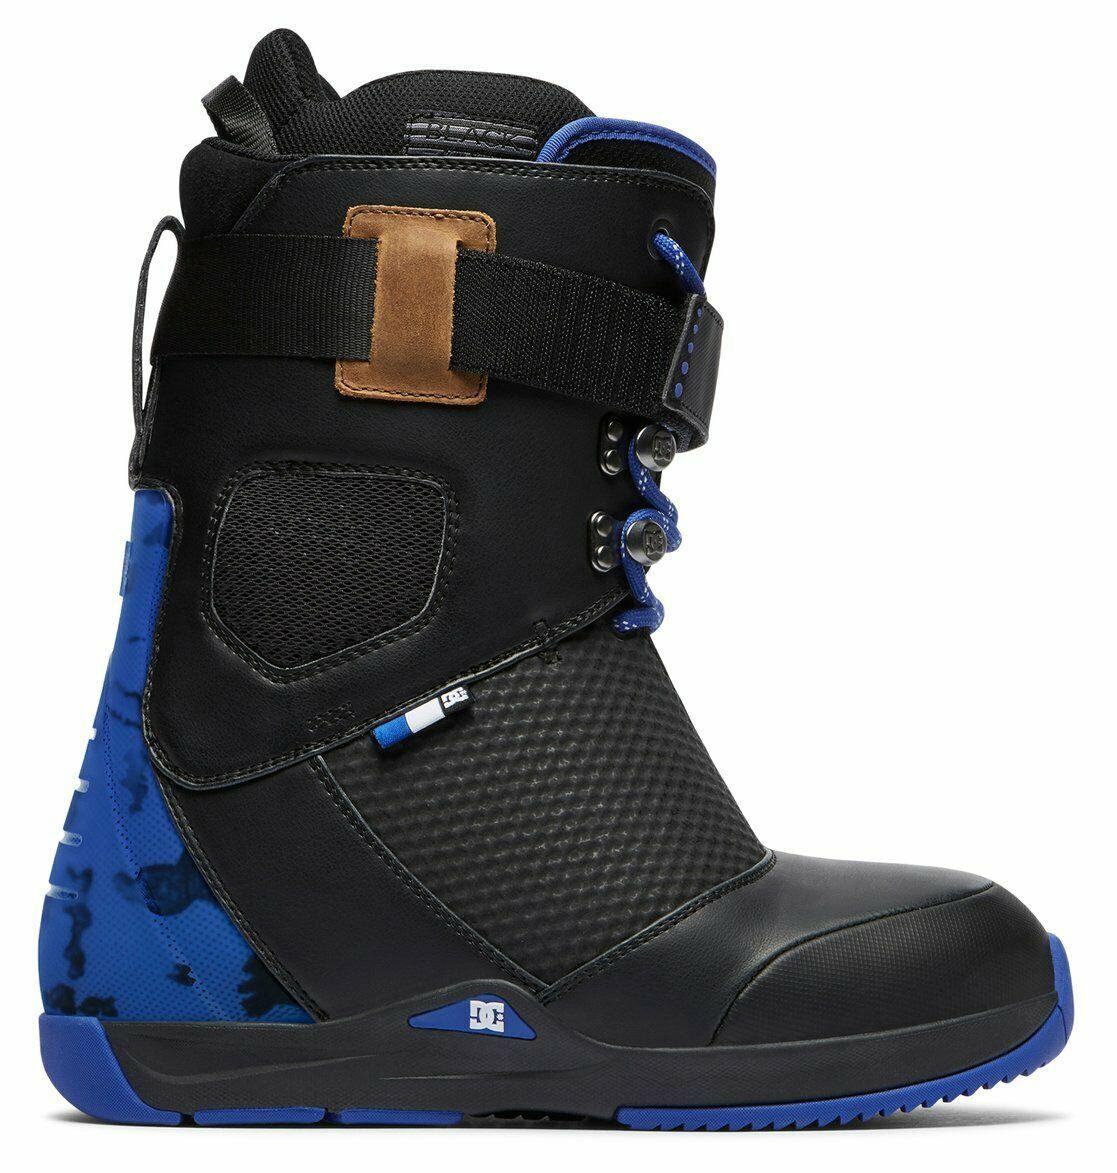 Liquidación SNOW de DC/Roxy (botas, cascos...)